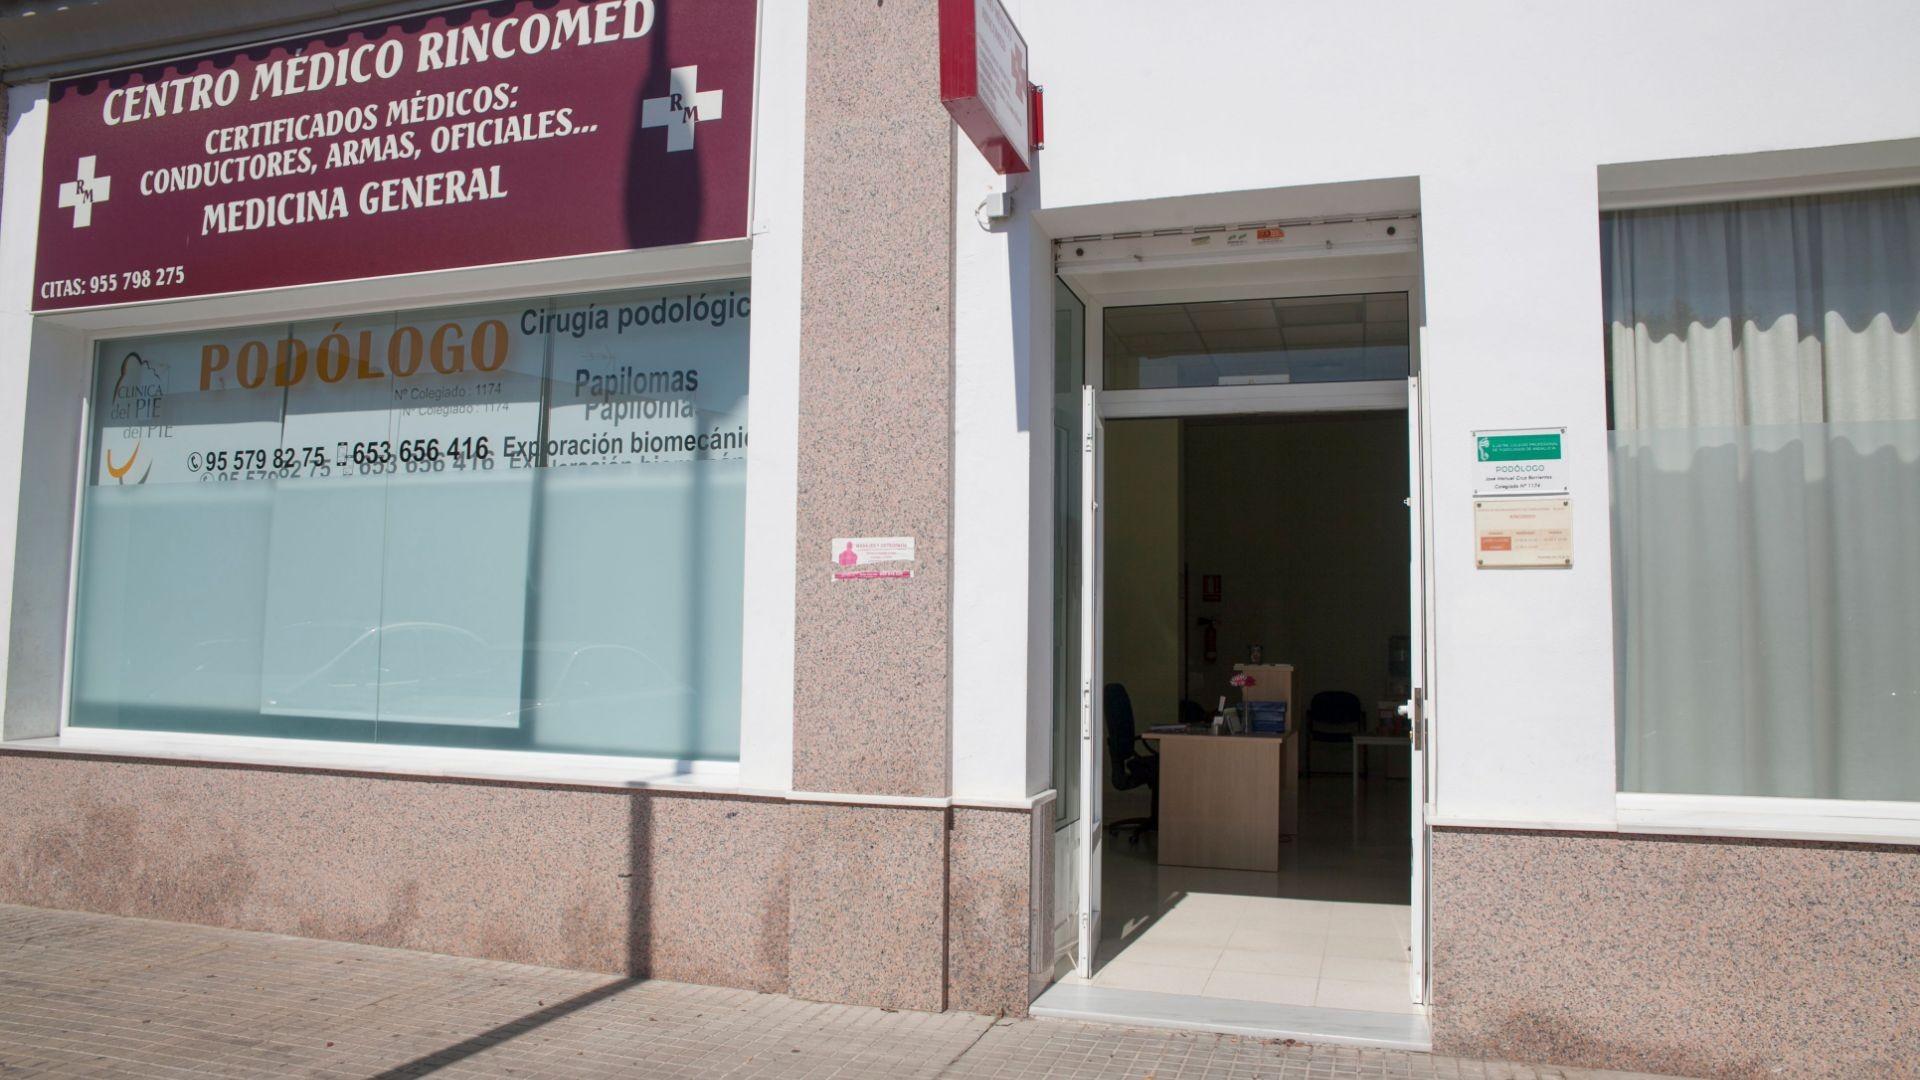 Reconocimiento Médicos en la Rinconada Sevilla